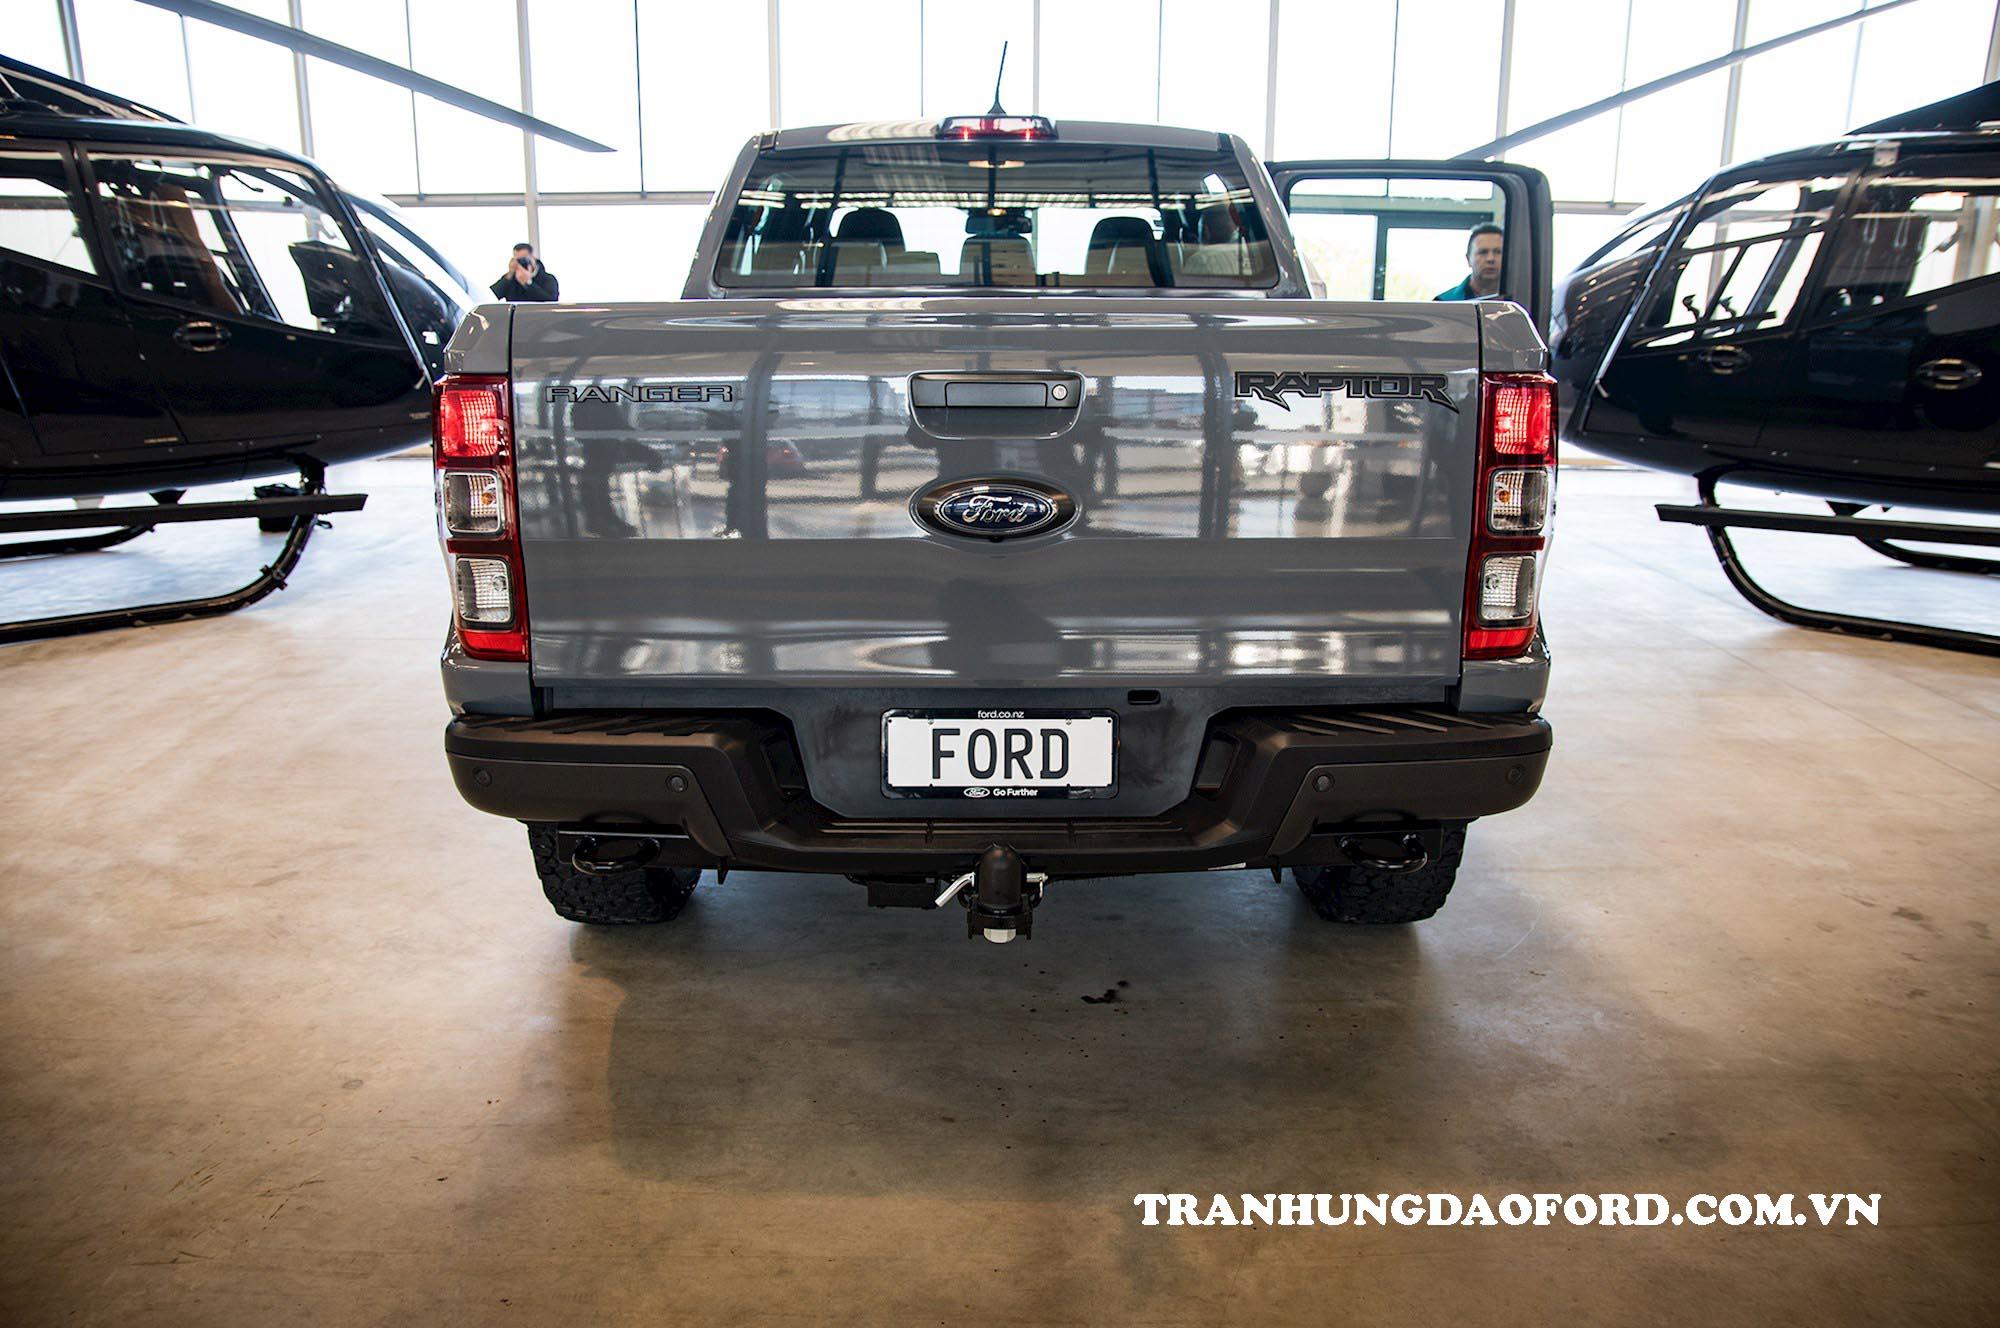 Thiết kế đuôi xe Ford Ranger 2020